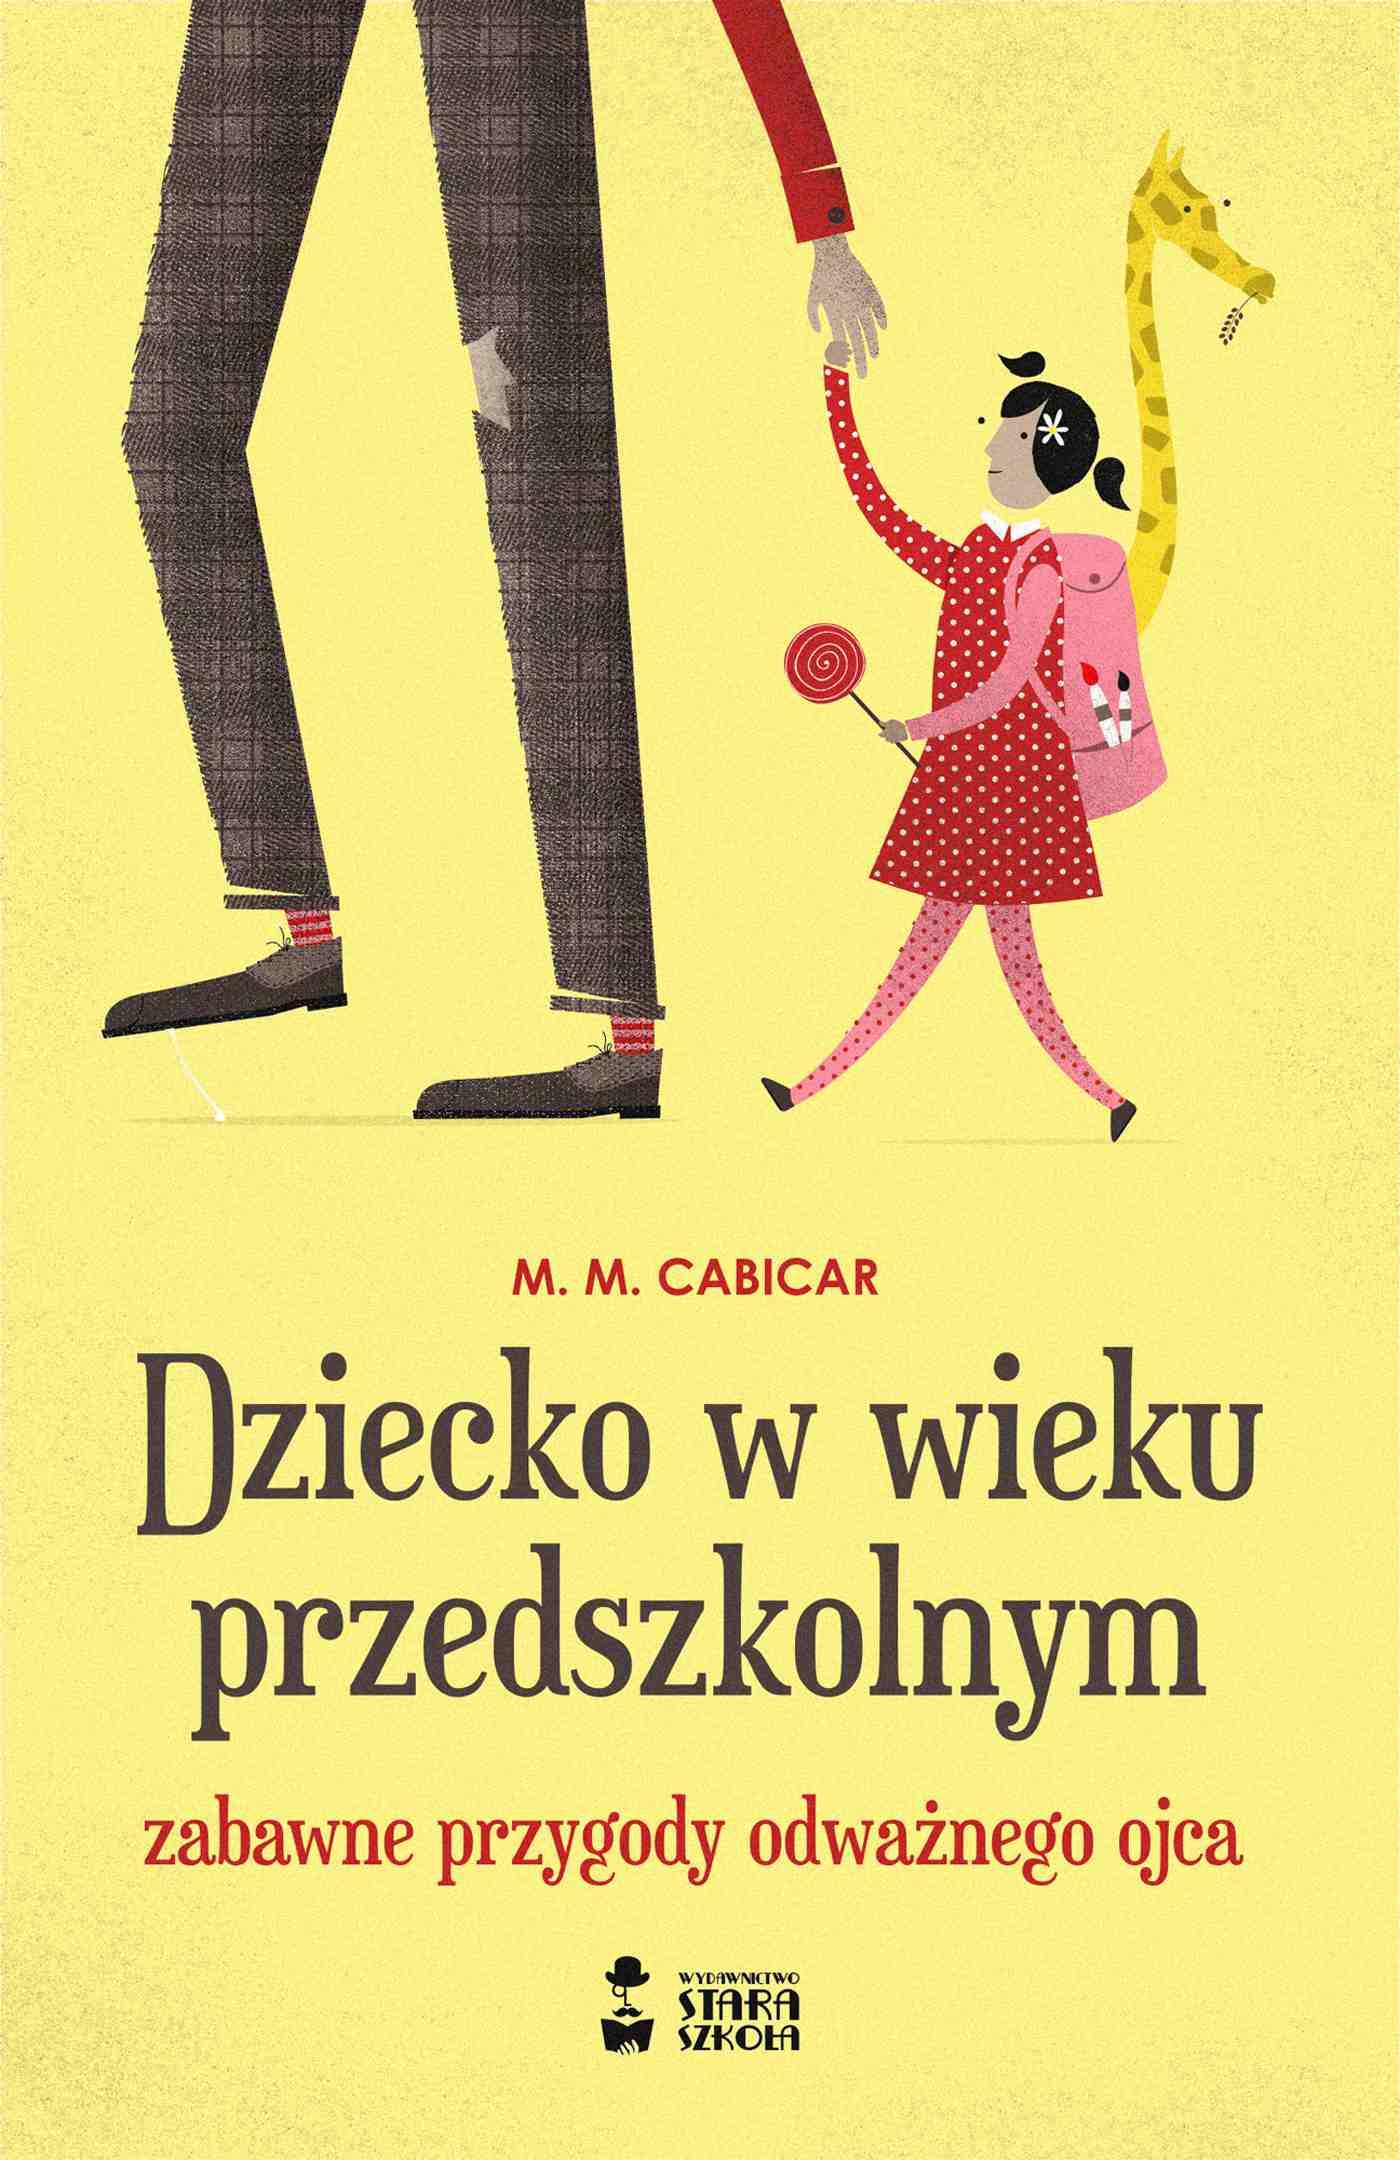 Dziecko w wieku przedszkolnym. Zabawne przygody odważnego ojca - Ebook (Książka na Kindle) do pobrania w formacie MOBI